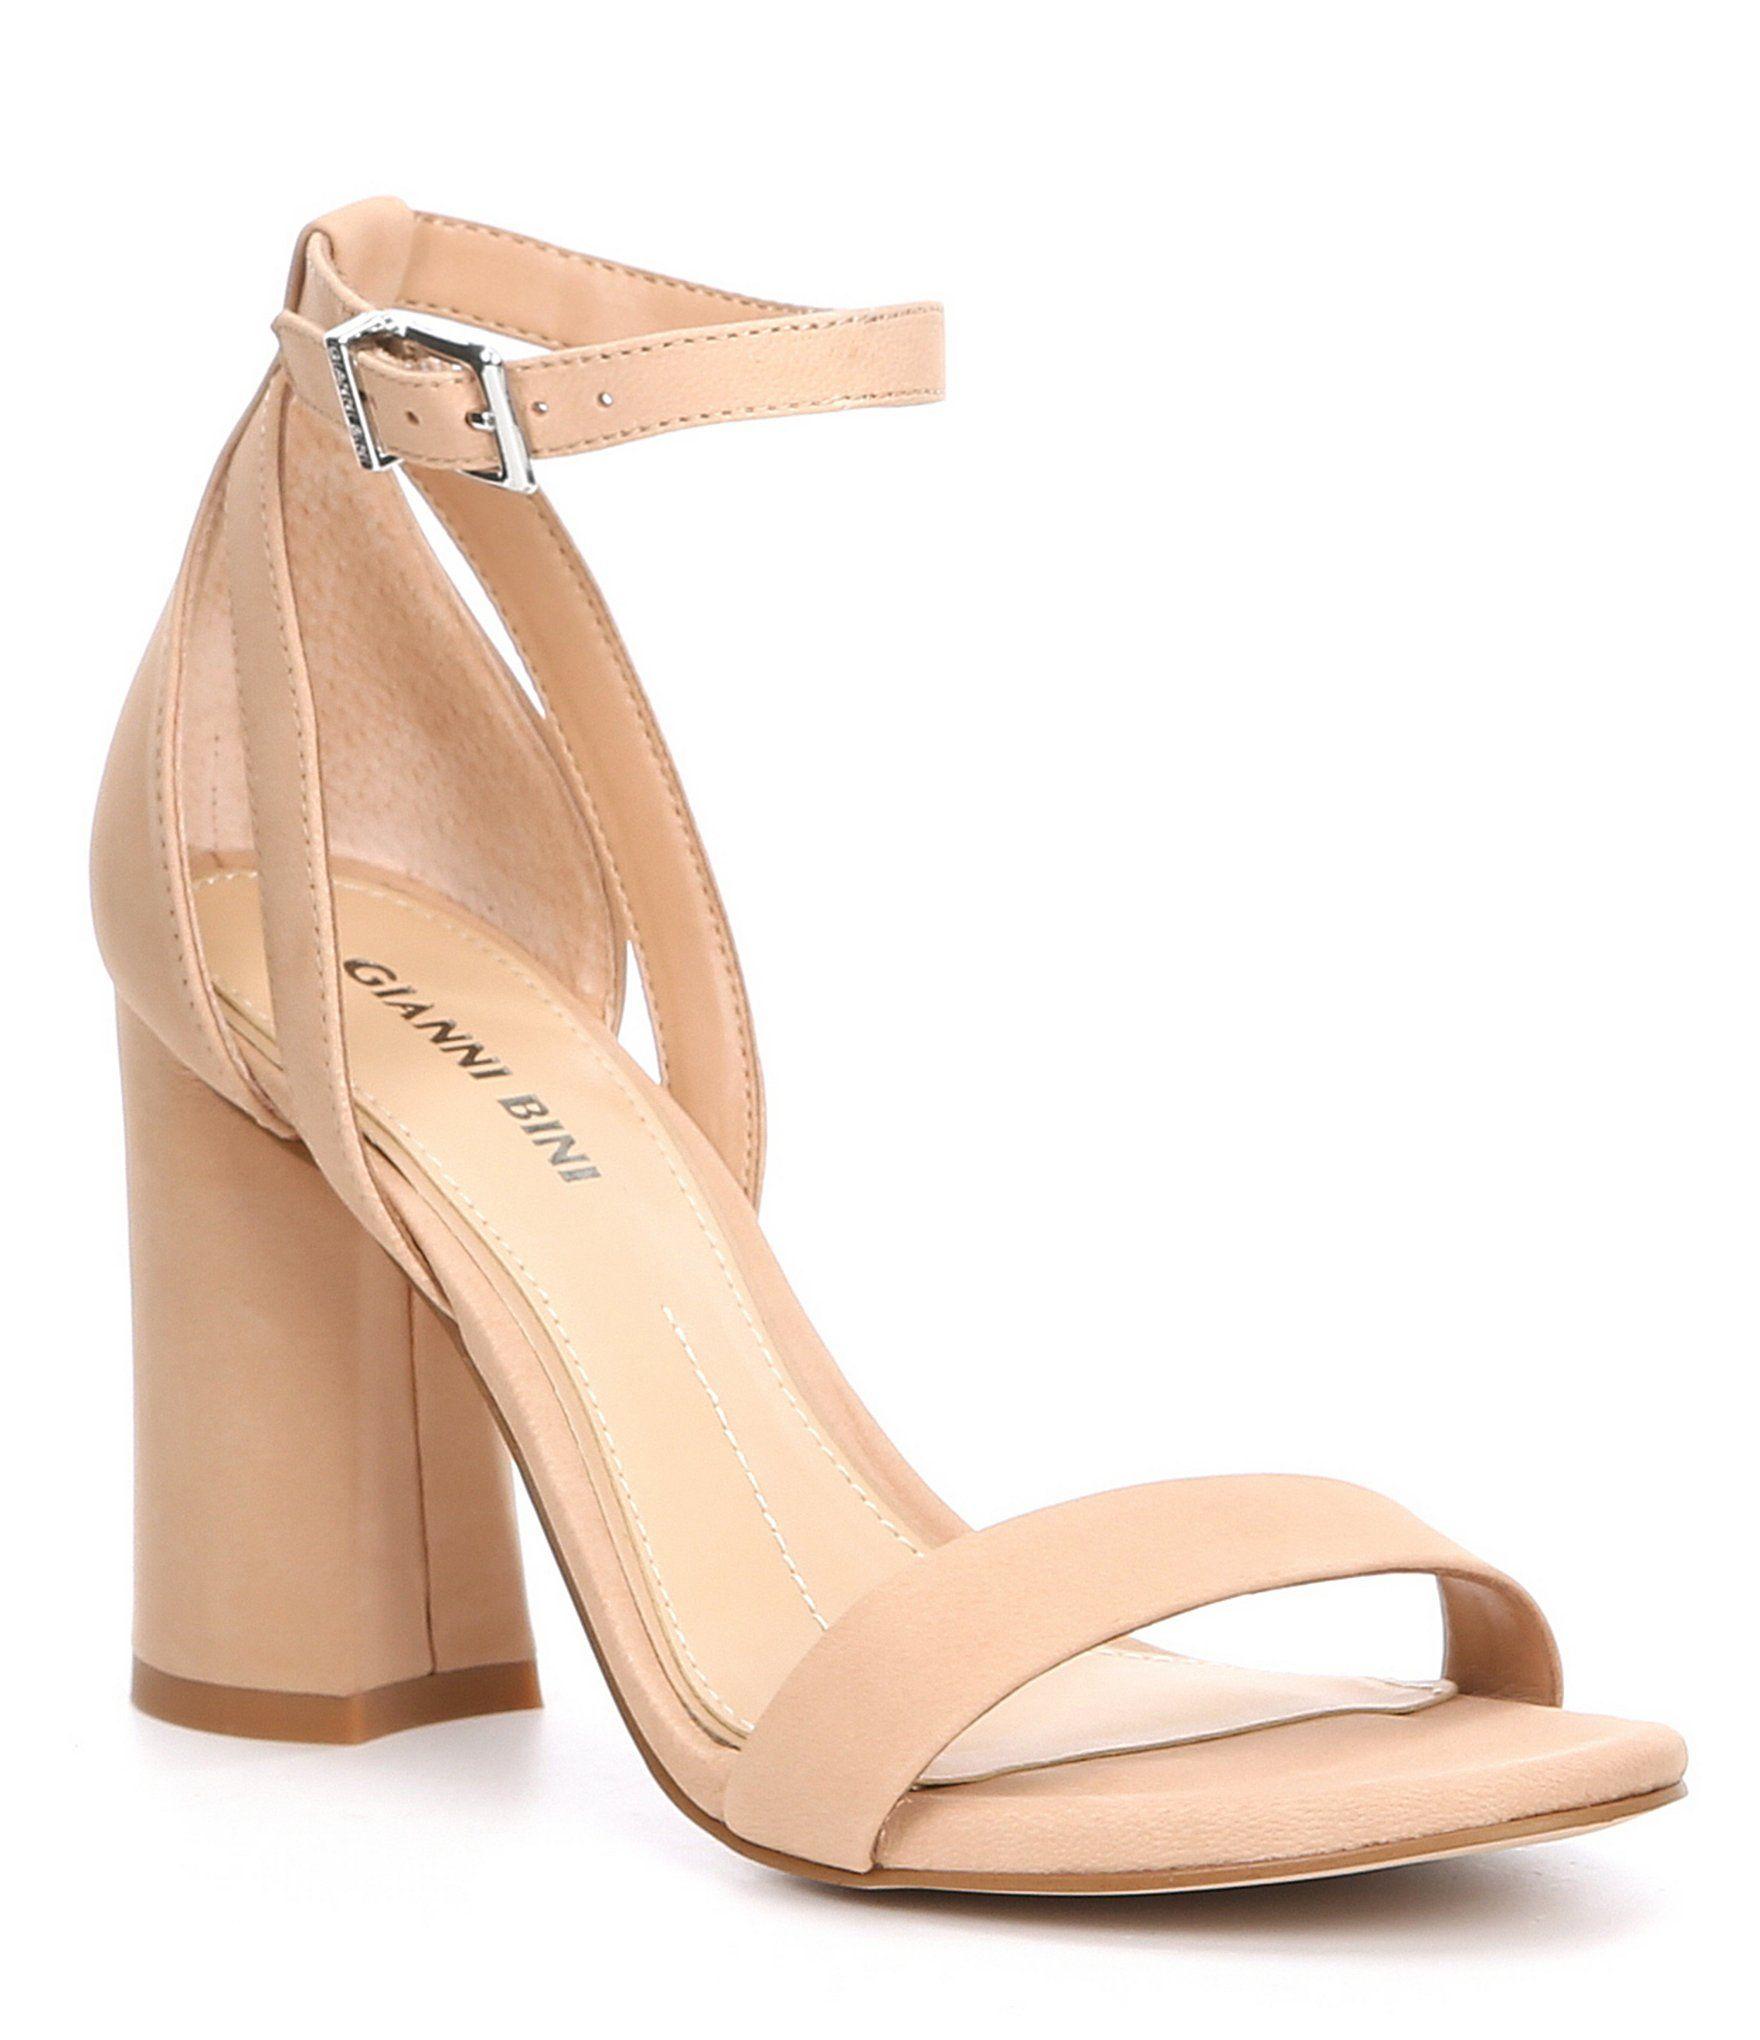 Gianni Bini Linyanne Suede Block Heel Sandals | Heels, Block